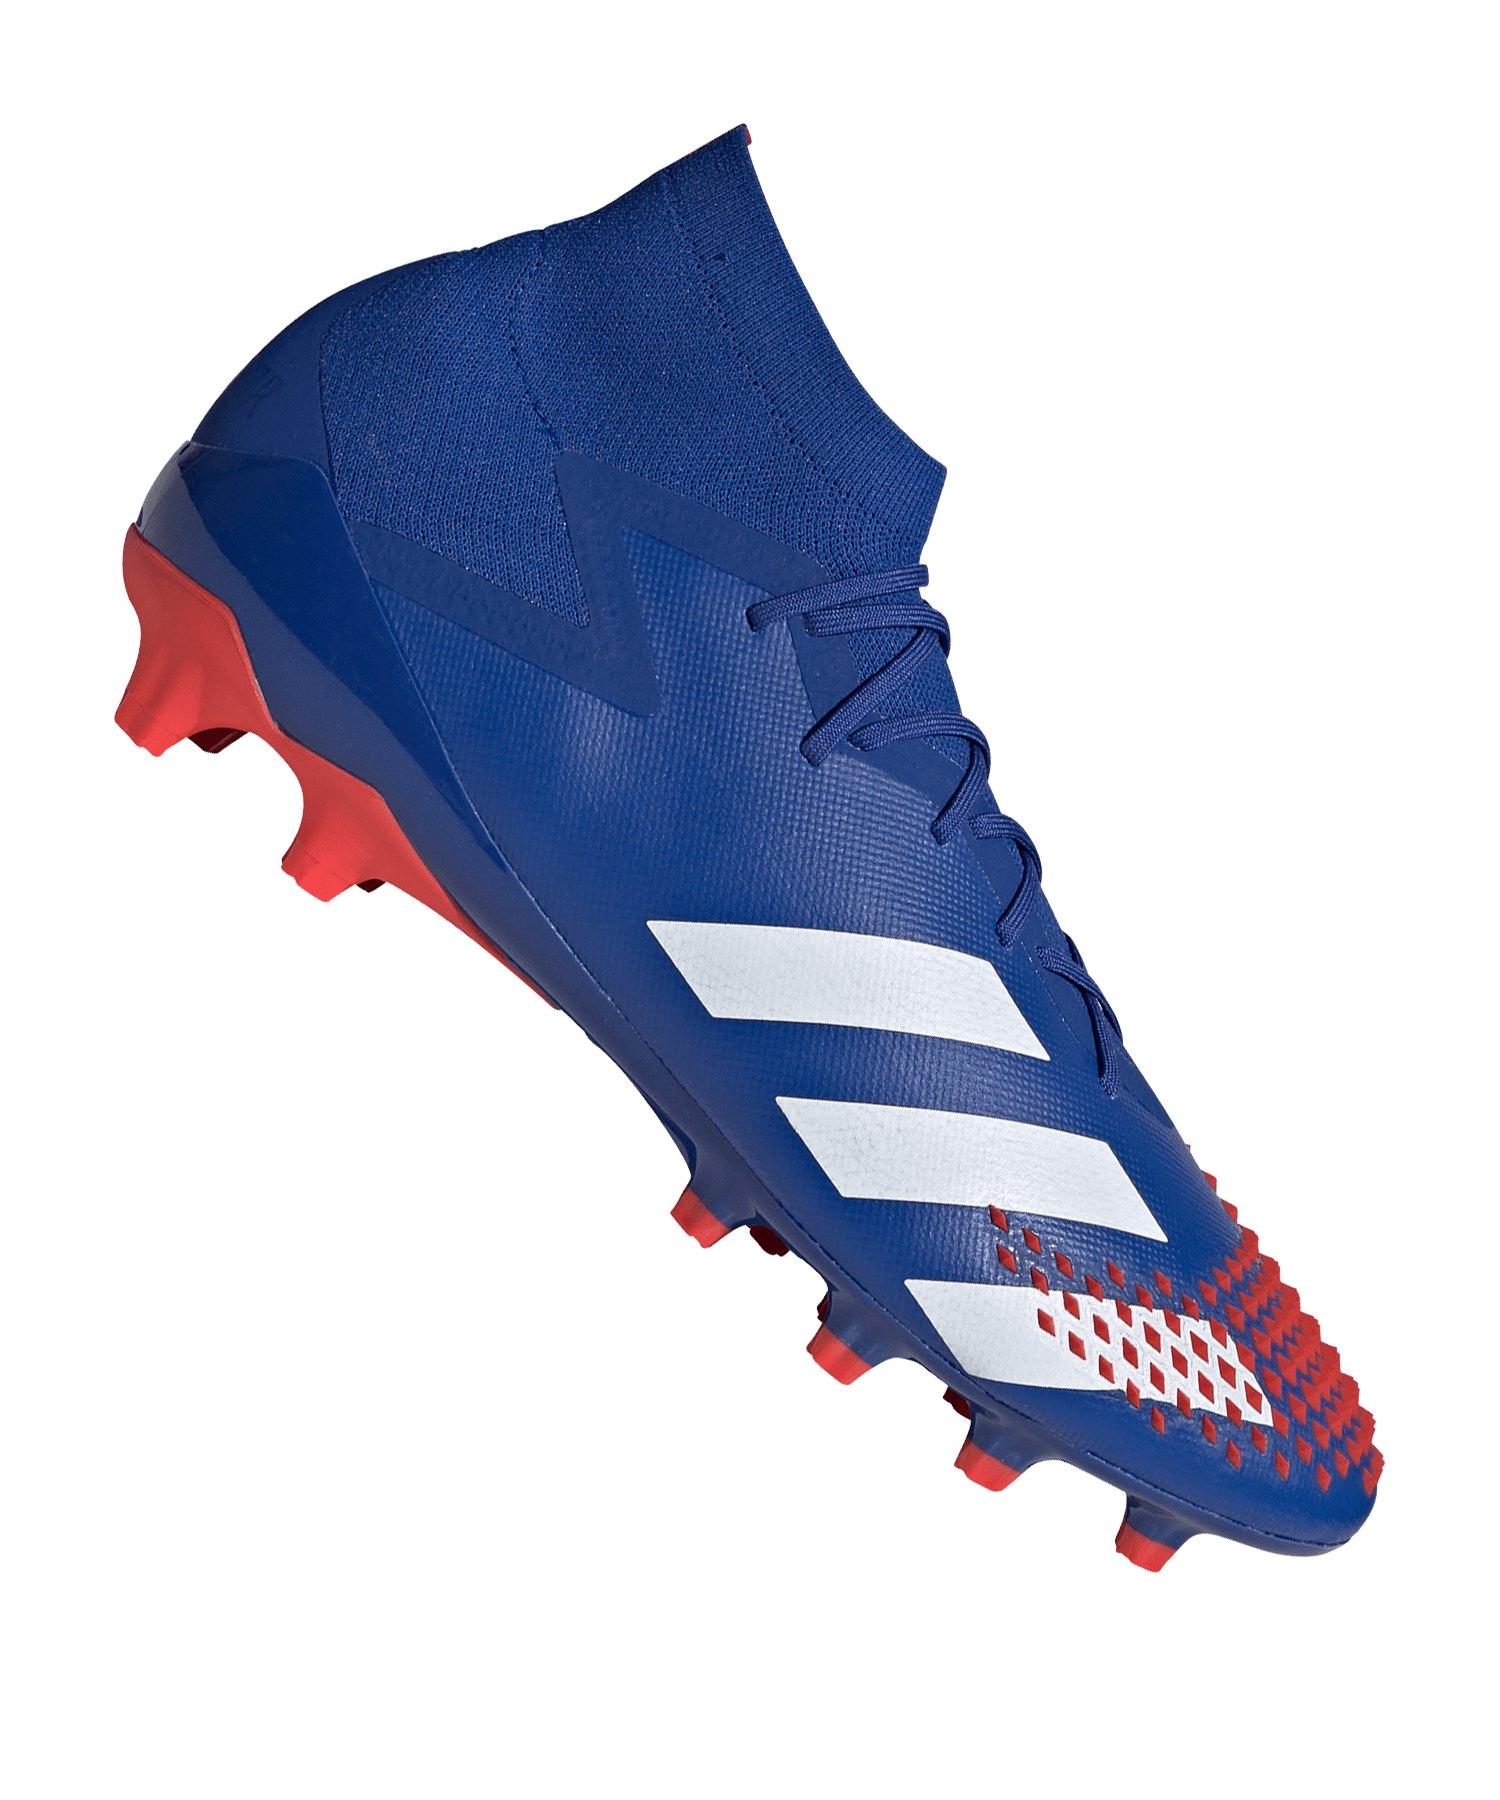 adidas Predator 20.1 AG BlauRot - blau